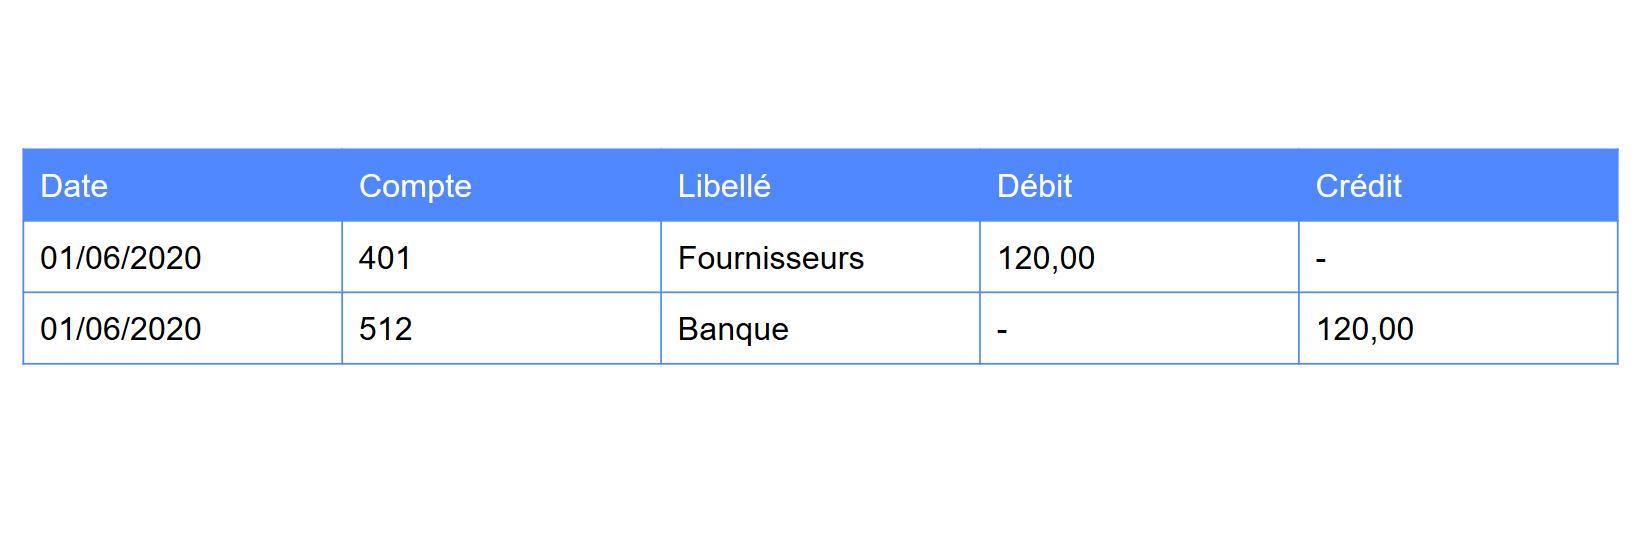 Refacturation 2 - Paiement des frais